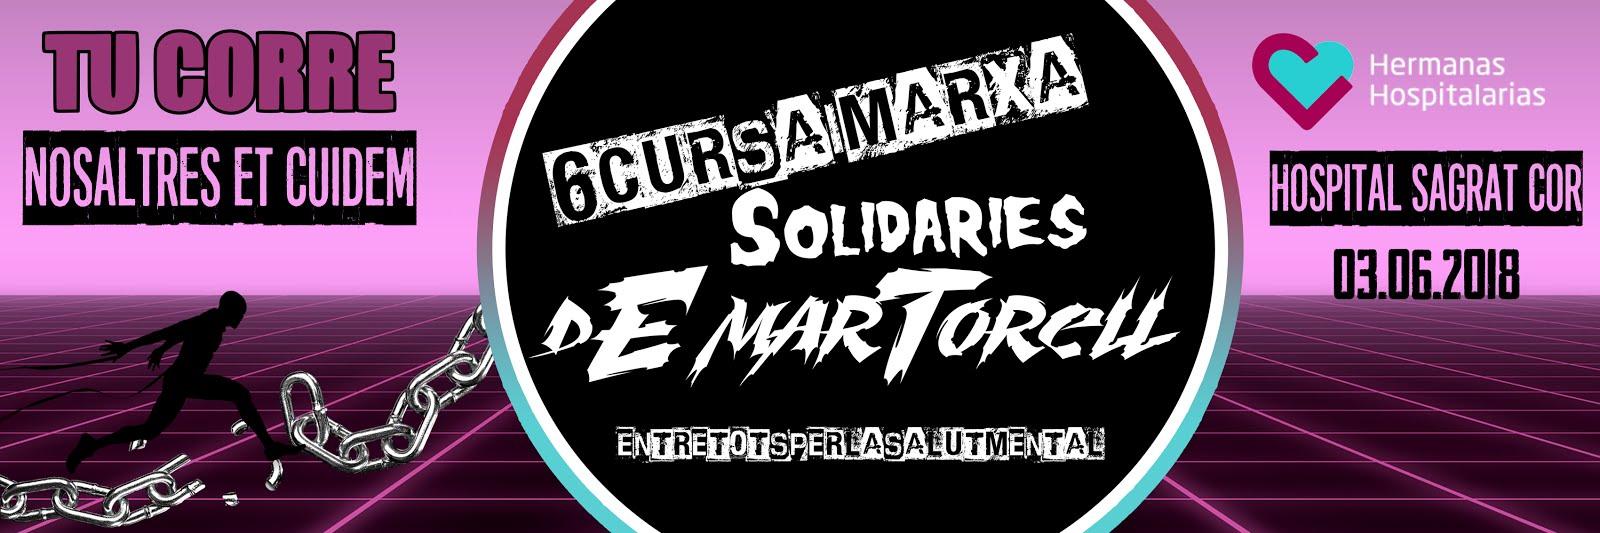 6ª CURSA I MARXA SOLIDÀRIES DE MARTORELL  07-06-2015